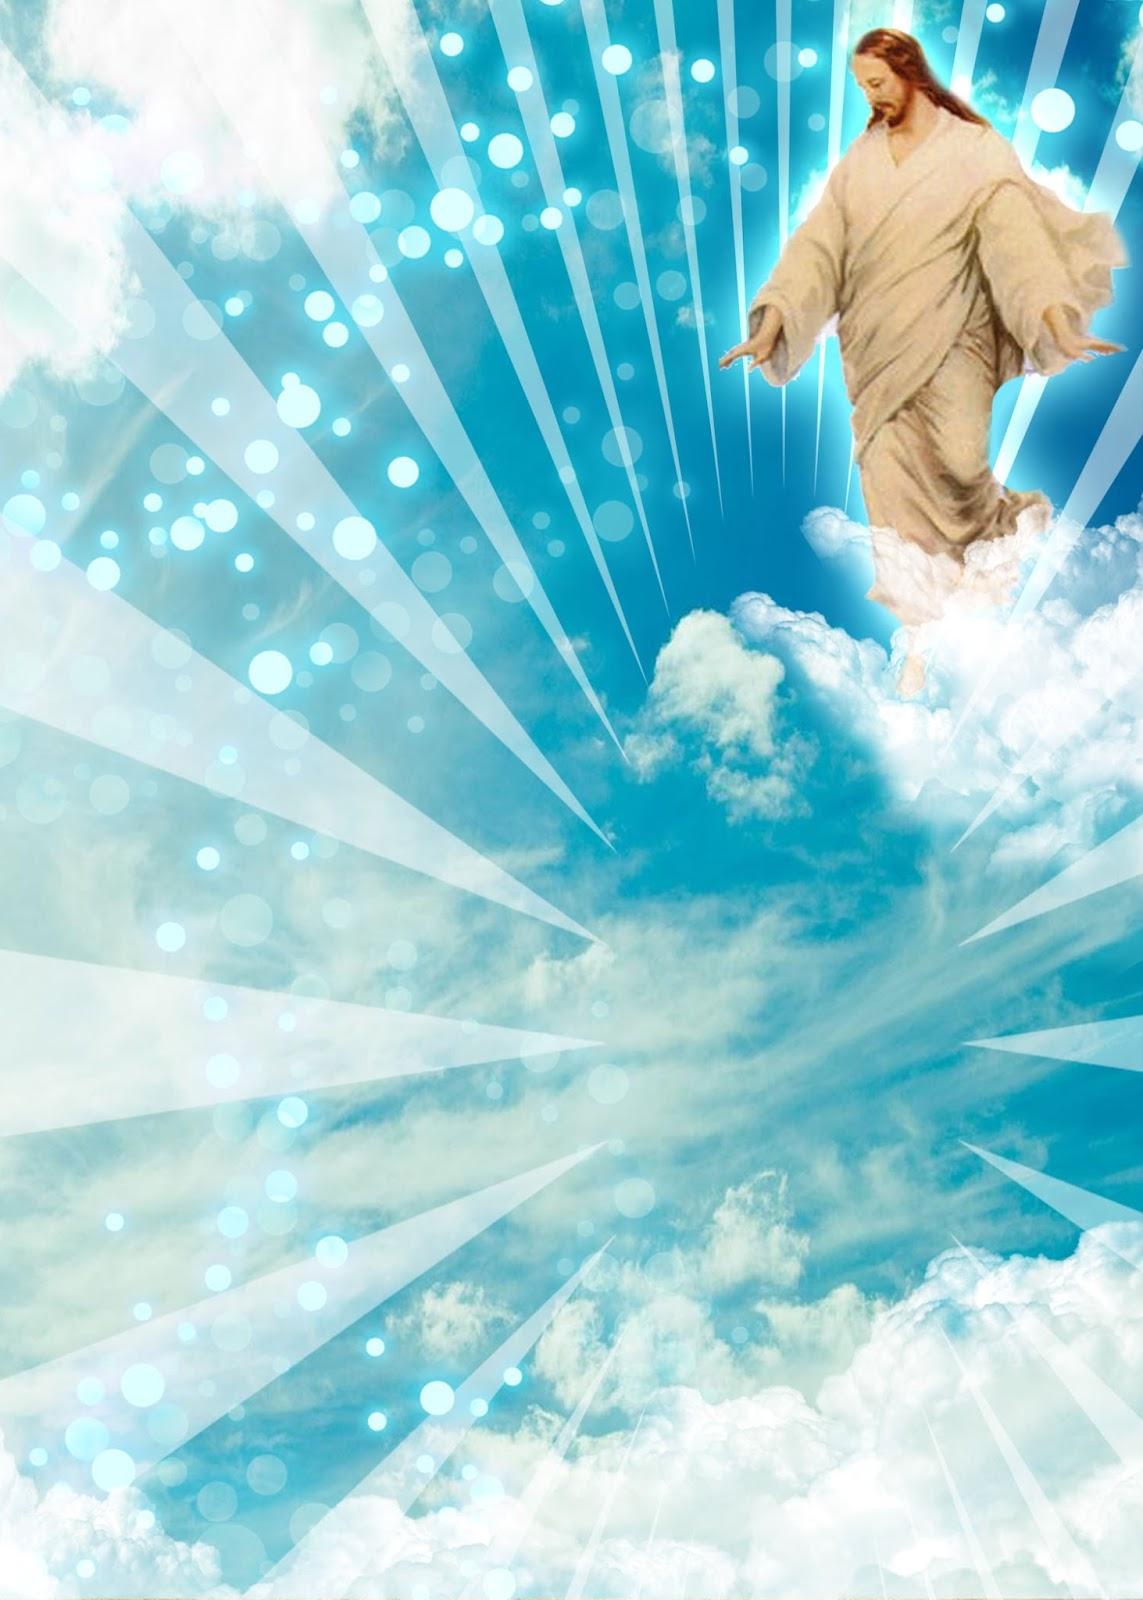 Invitación para Bautizo o Comunión con fondo cielo e imagen de Jesus